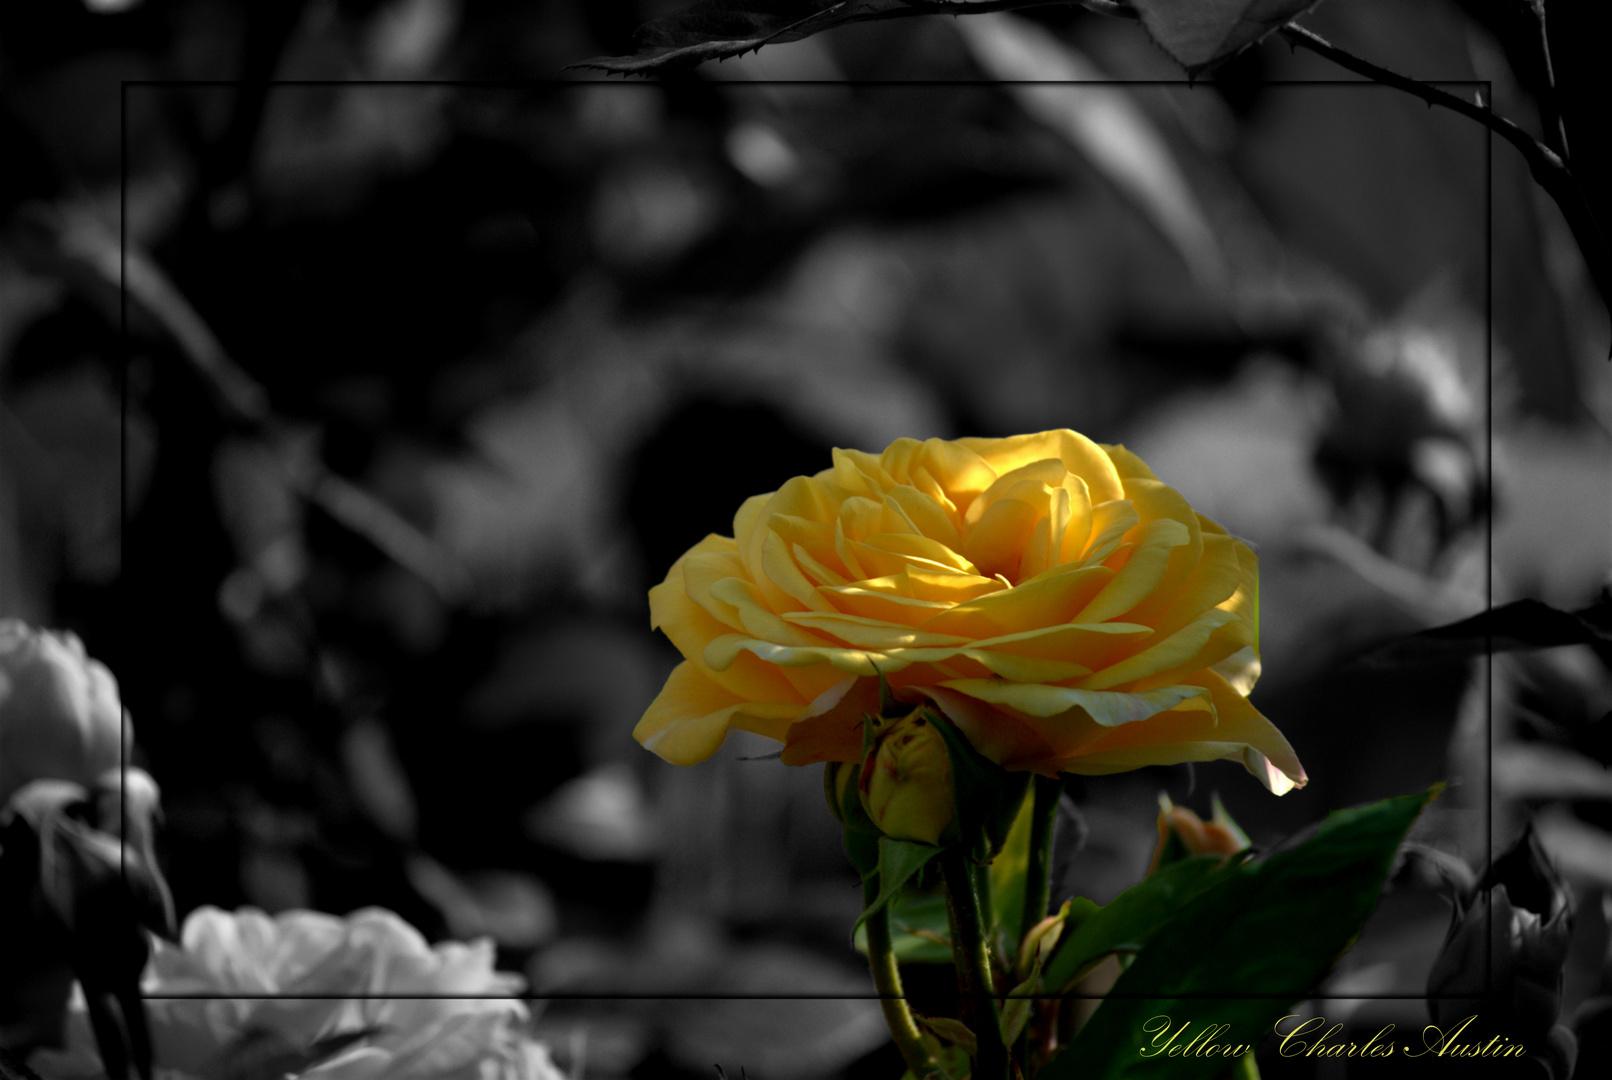 Yellow Charles Austin